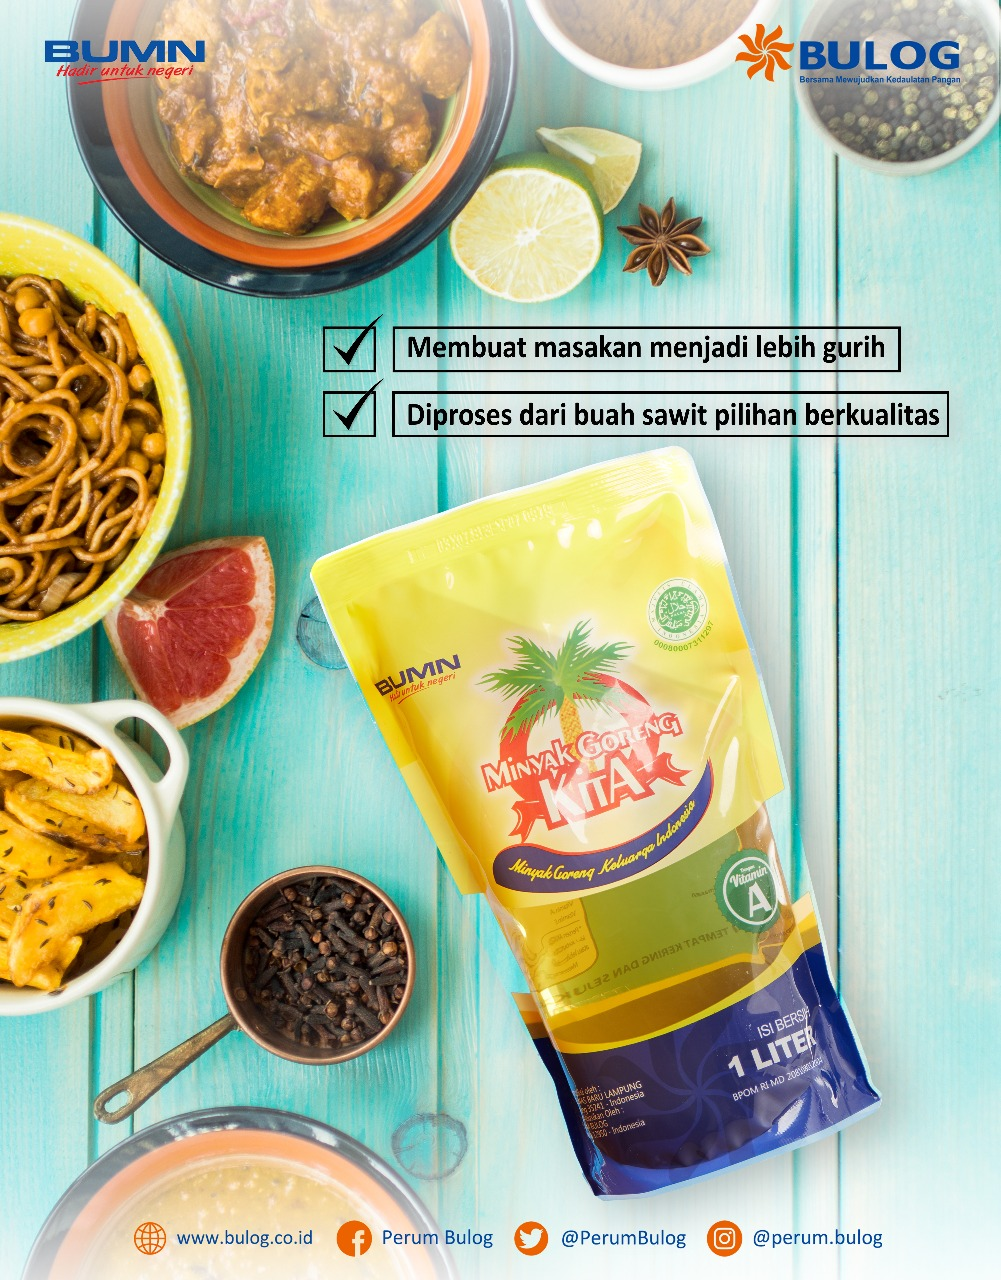 Minyak Goreng KitA